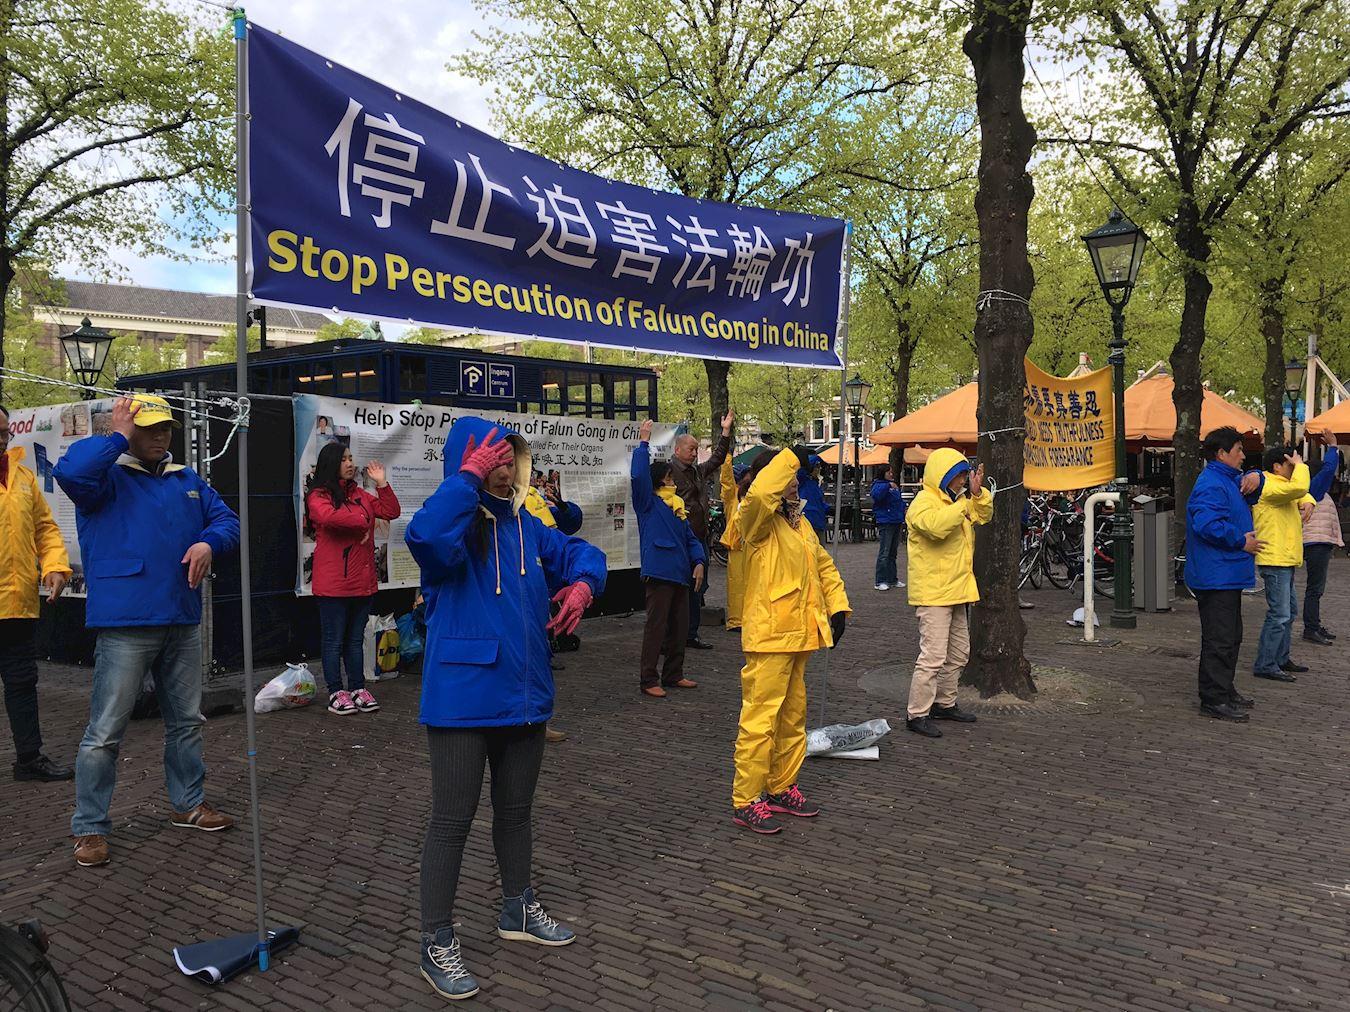 2017年4月25日,荷蘭部份法輪功學員在海牙集會,紀念「四二五」萬人和平上訪18週年。(明慧網)